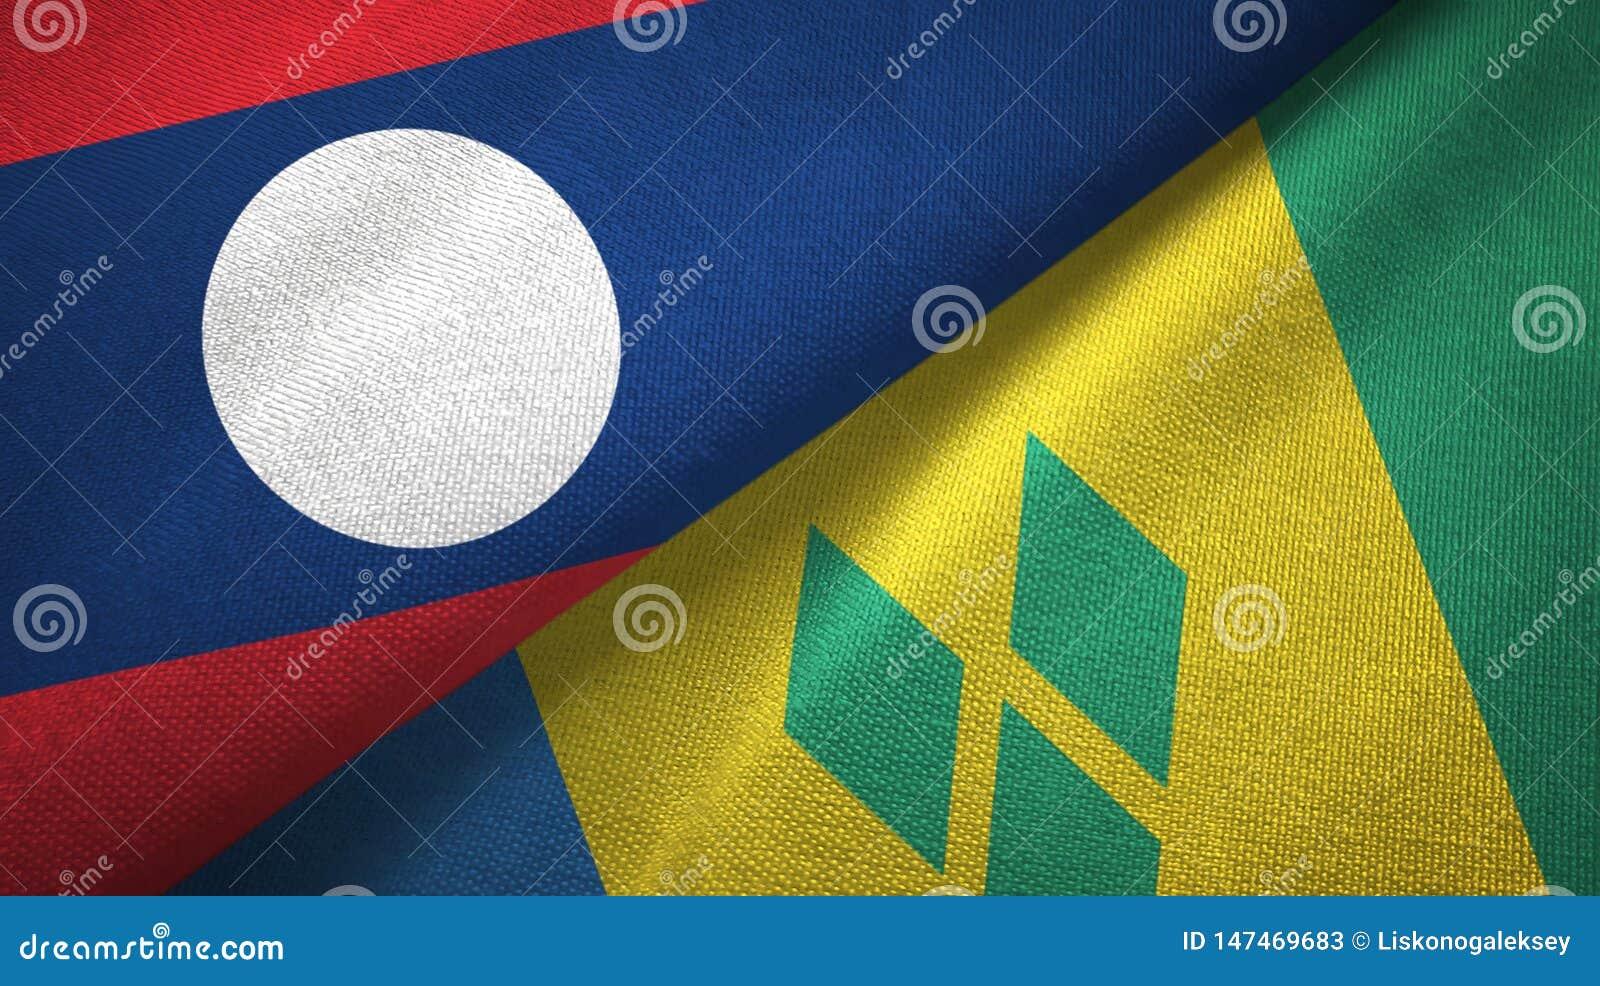 Λάος και Άγιος Βικέντιος και Γρεναδίνες δύο υφαντικό ύφασμα σημαιών